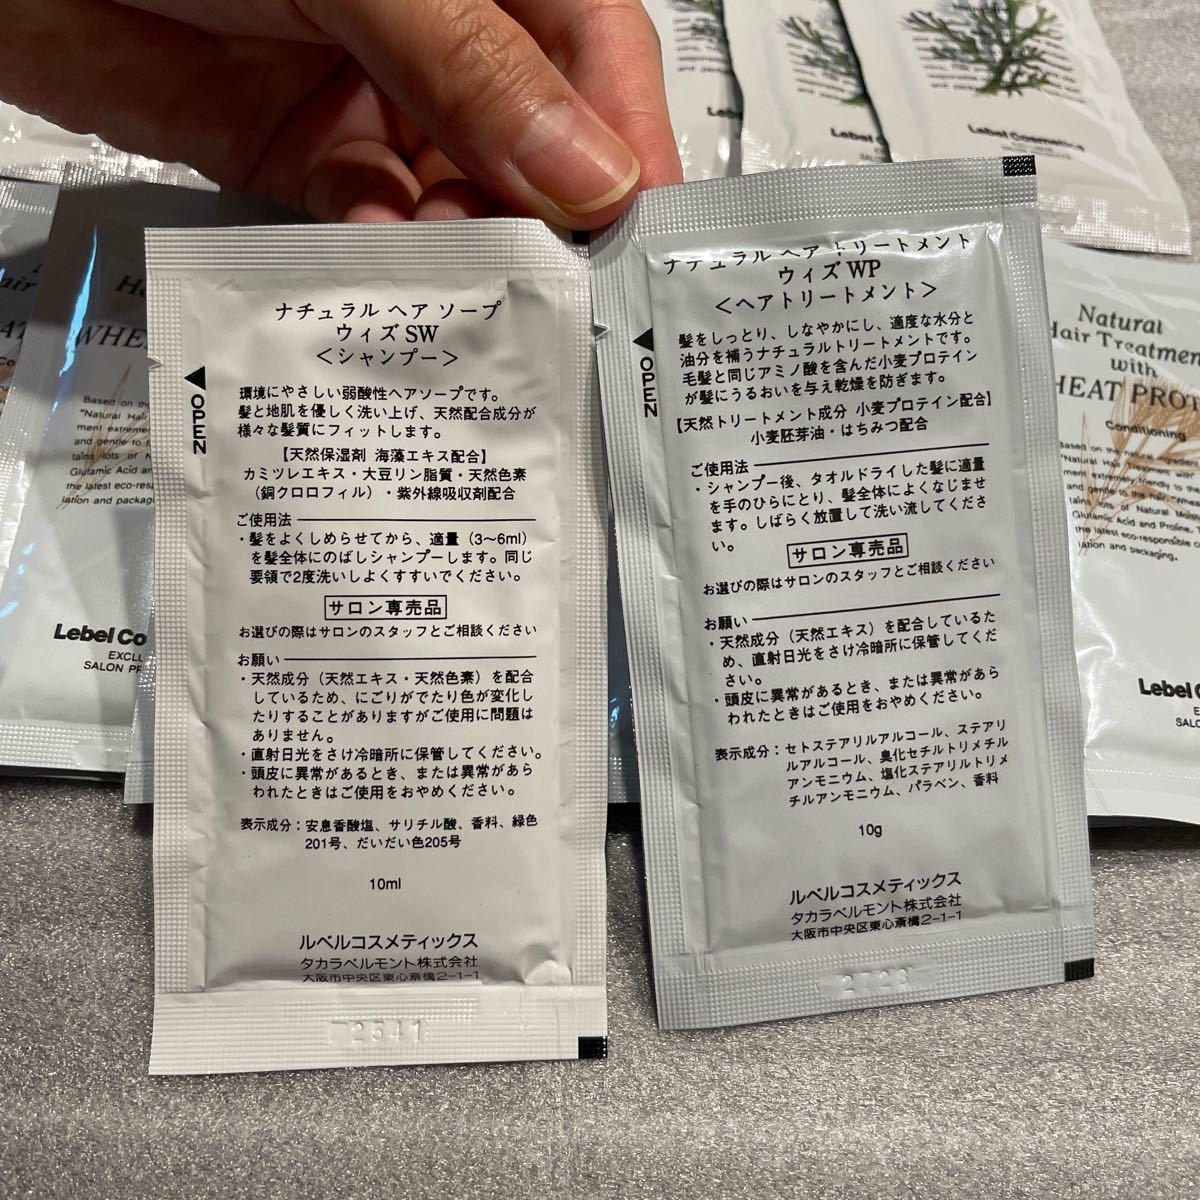 シャンプー トリートメント 10回分 使い切りタイプ サロン専売品